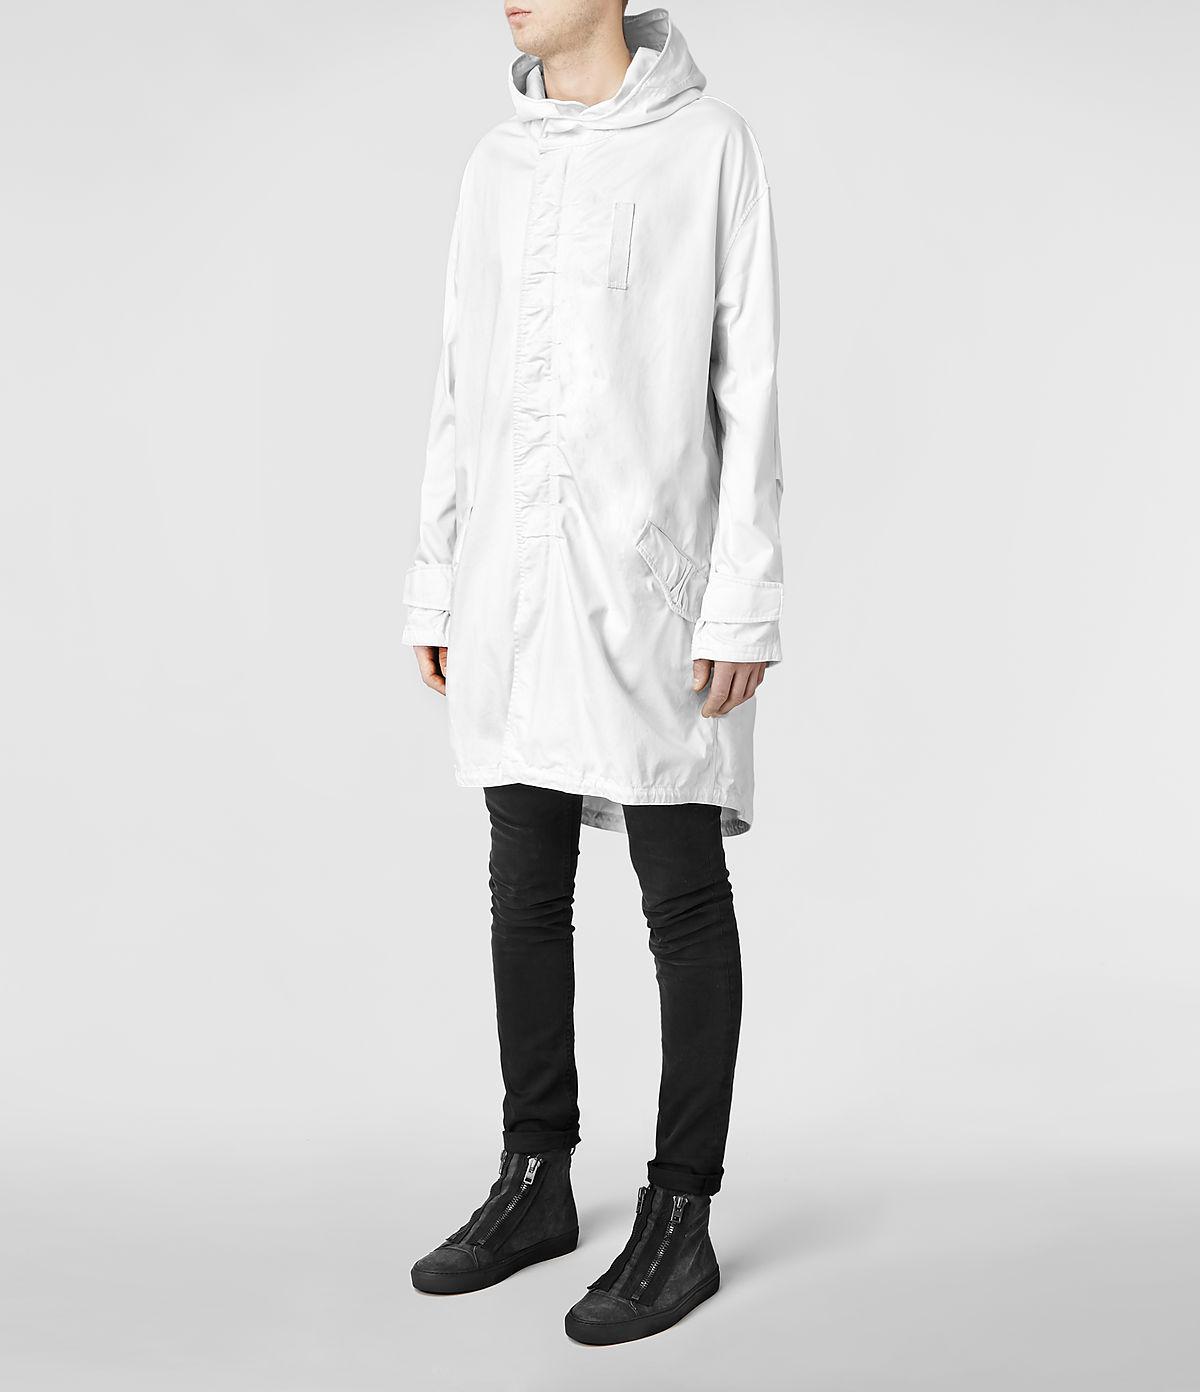 Allsaints Fort Parka Jacket in White for Men | Lyst